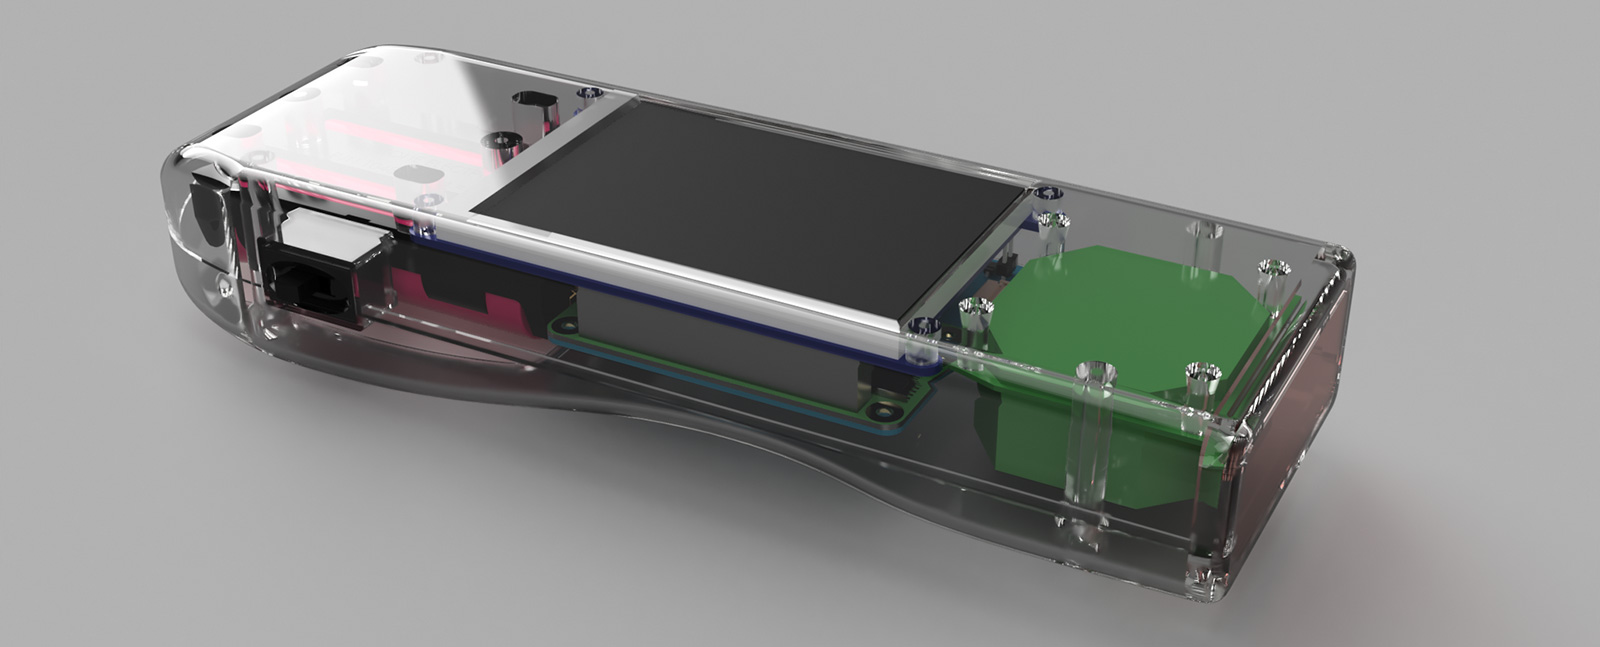 Raspberry pi zero handheld barcode scanner part 2 rubansaba